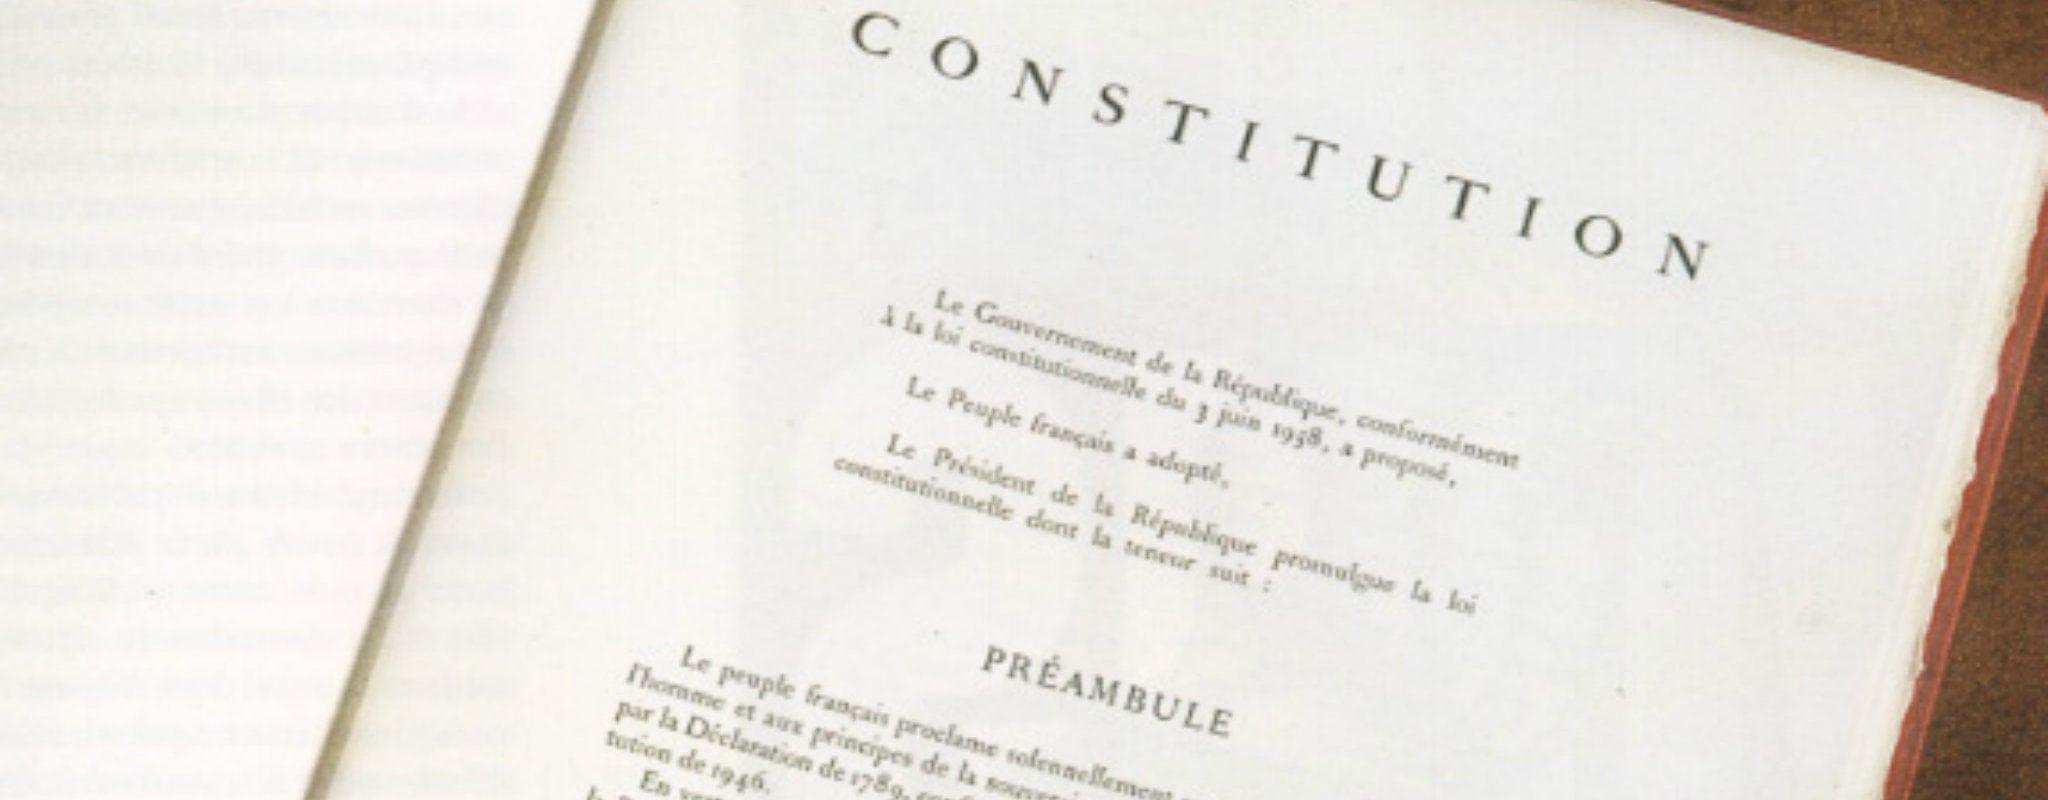 Département d'Alsace: les pièges de la réforme constitutionnelle